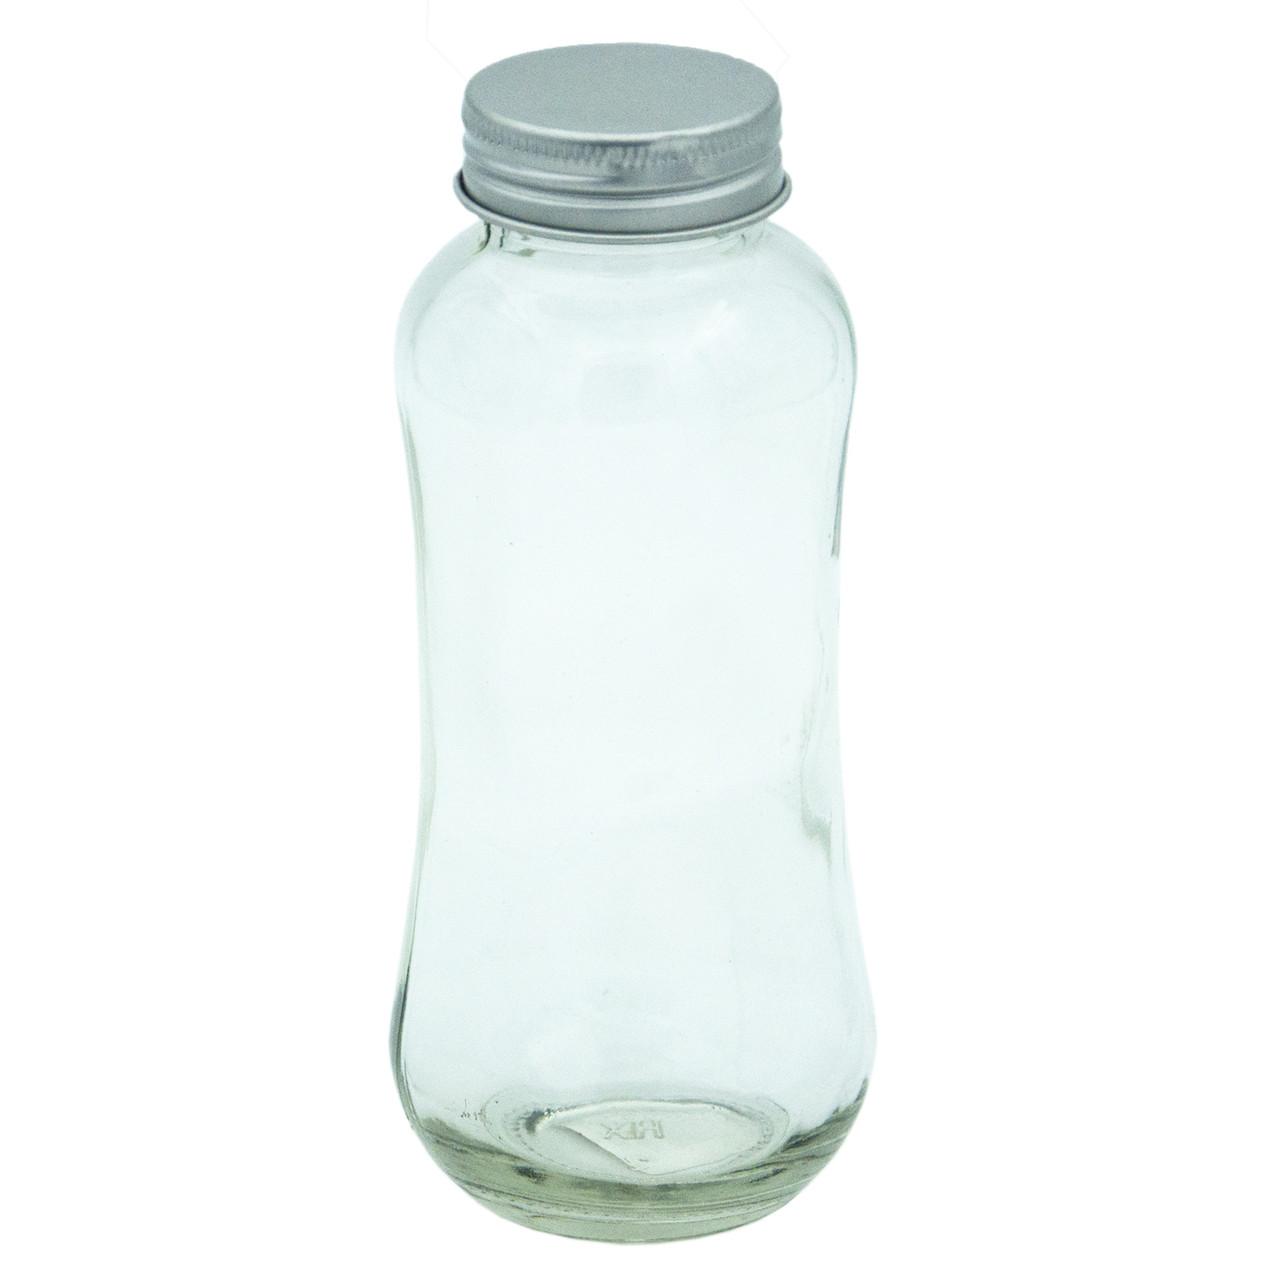 Тара. Банка-бутылка с алюминиевой крышкой 360 мл